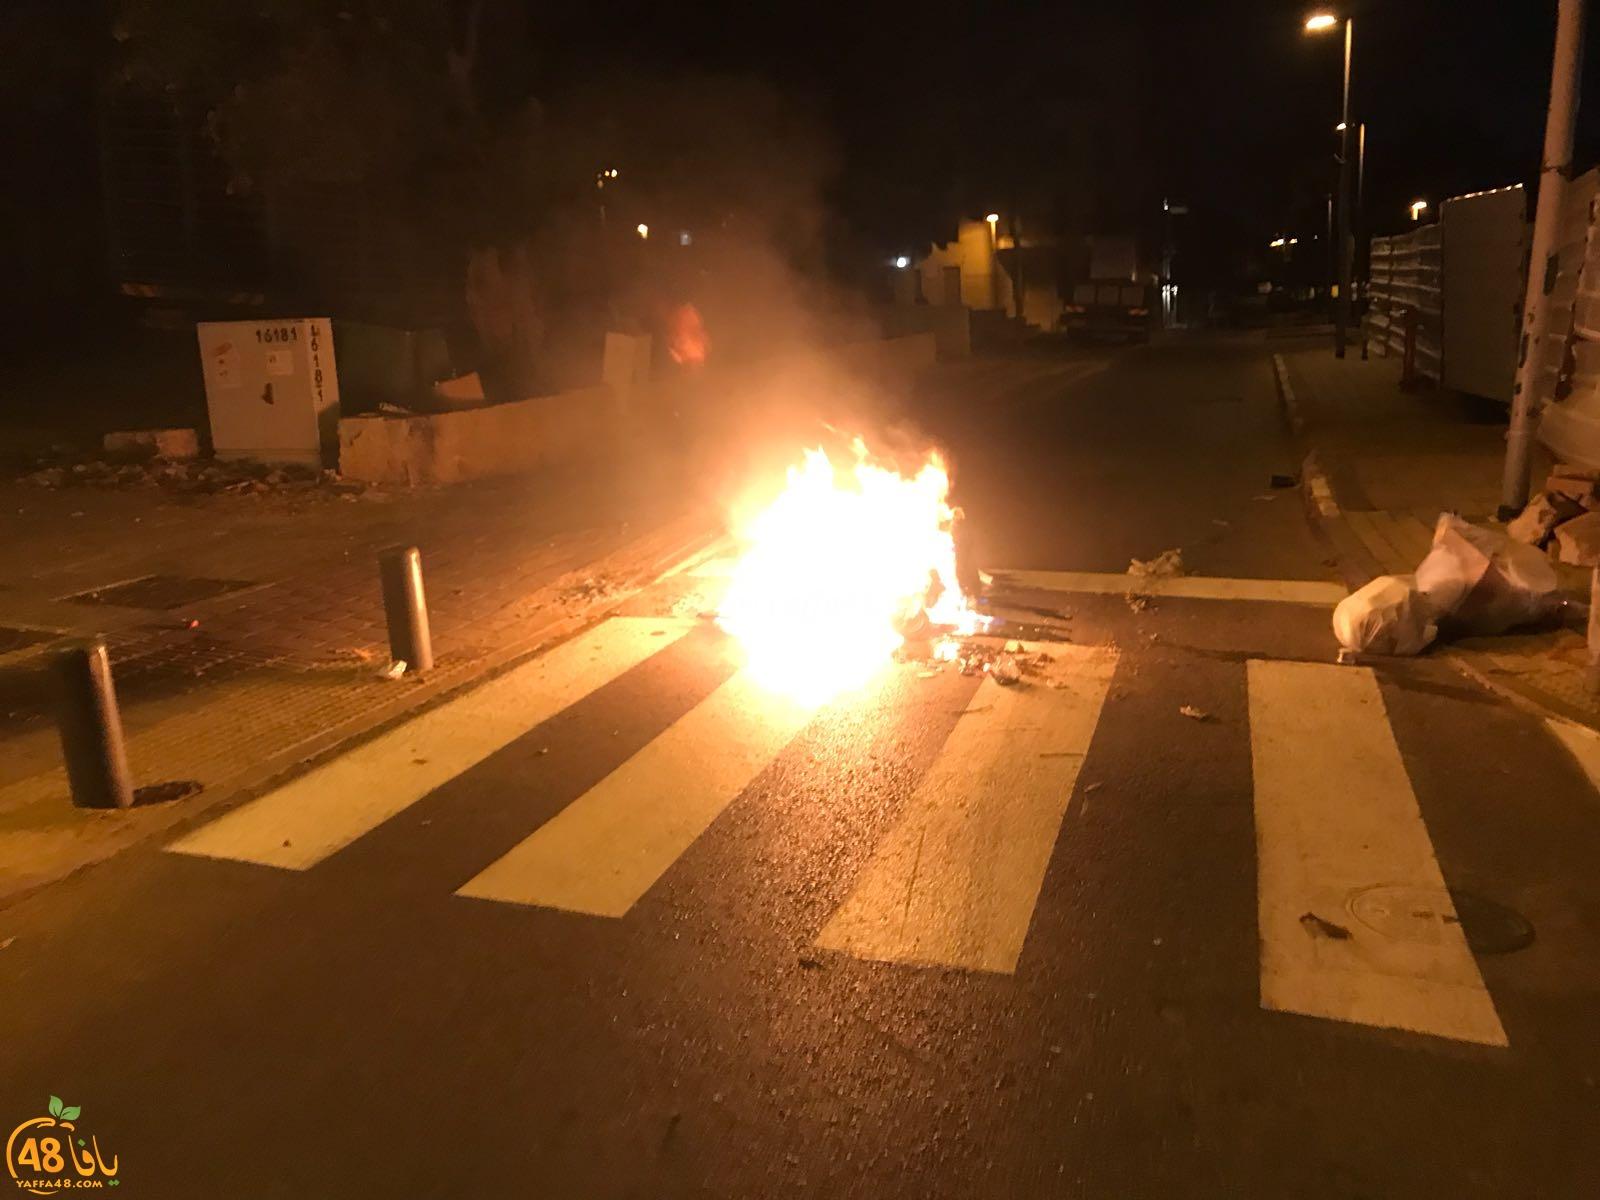 بالصور: ليلة متوترة تعيشها مدينة يافا وهدوء مشوب بالحذر